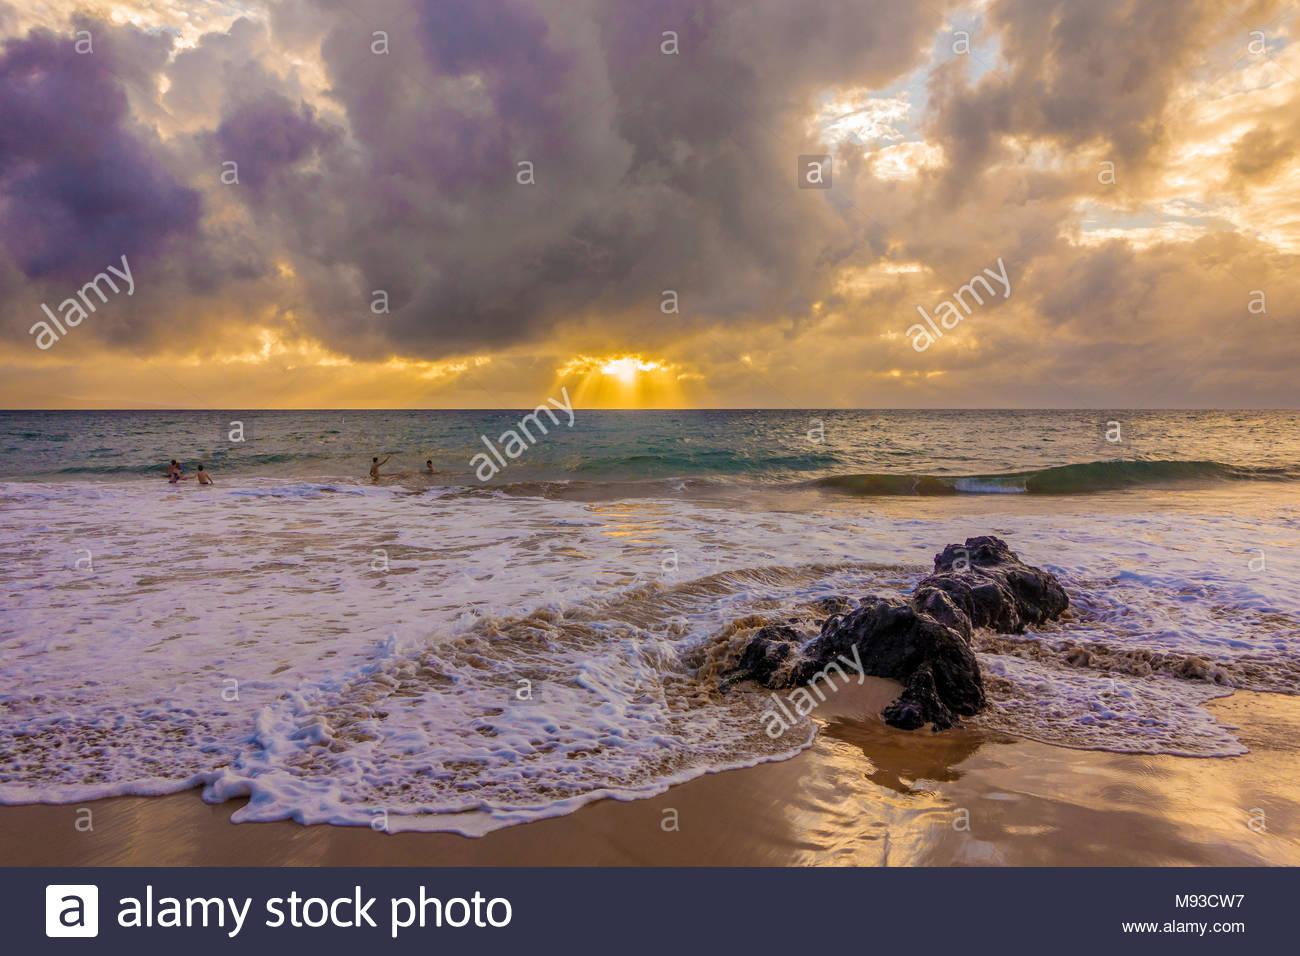 Sera nuvole e dolci Pacific Ocean surf di Kamaole Beach Park 11 a Kihei sull'isola di Maui nello stato delle Hawaii USA Immagini Stock